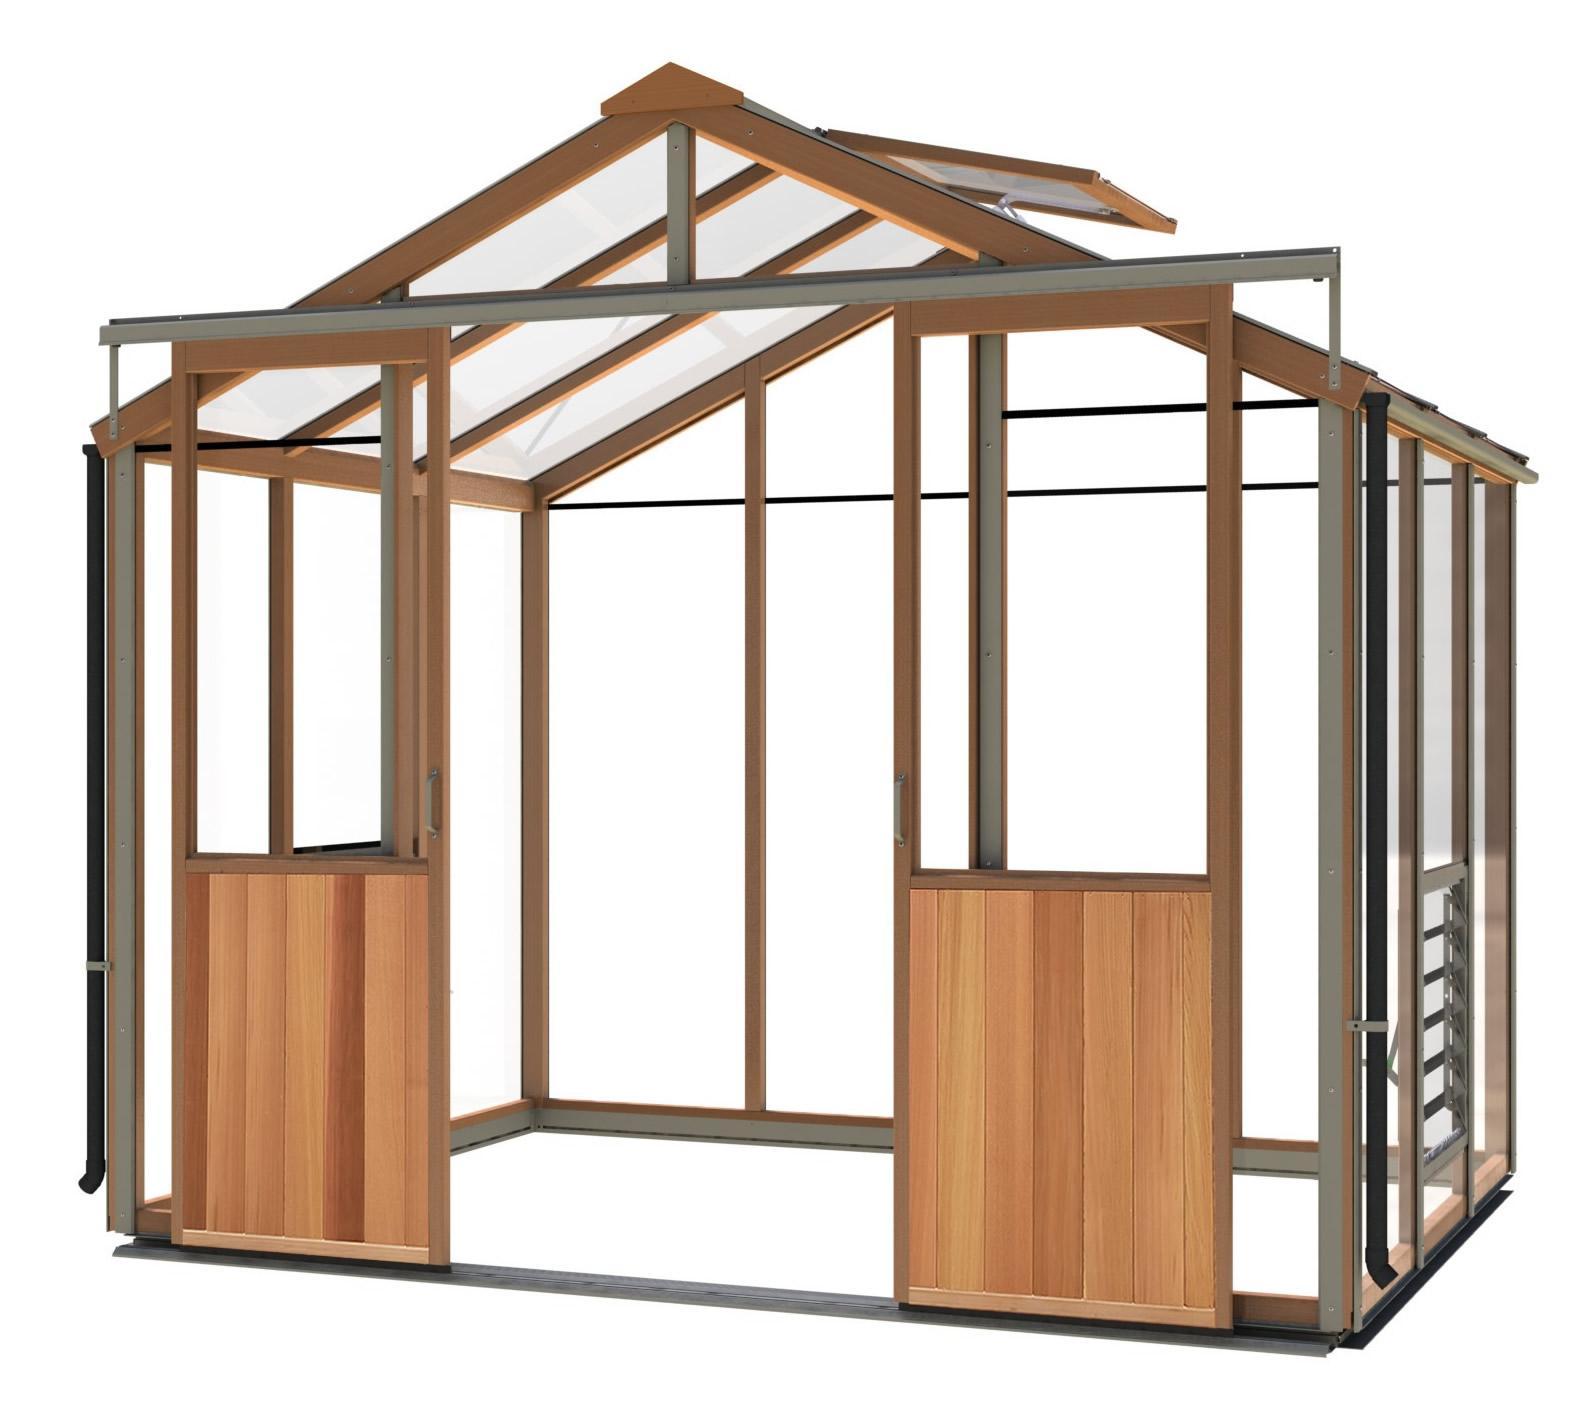 gewächshaus holz evo8 (2617mm x 1976mm) - gewächshaus aus zedernholz